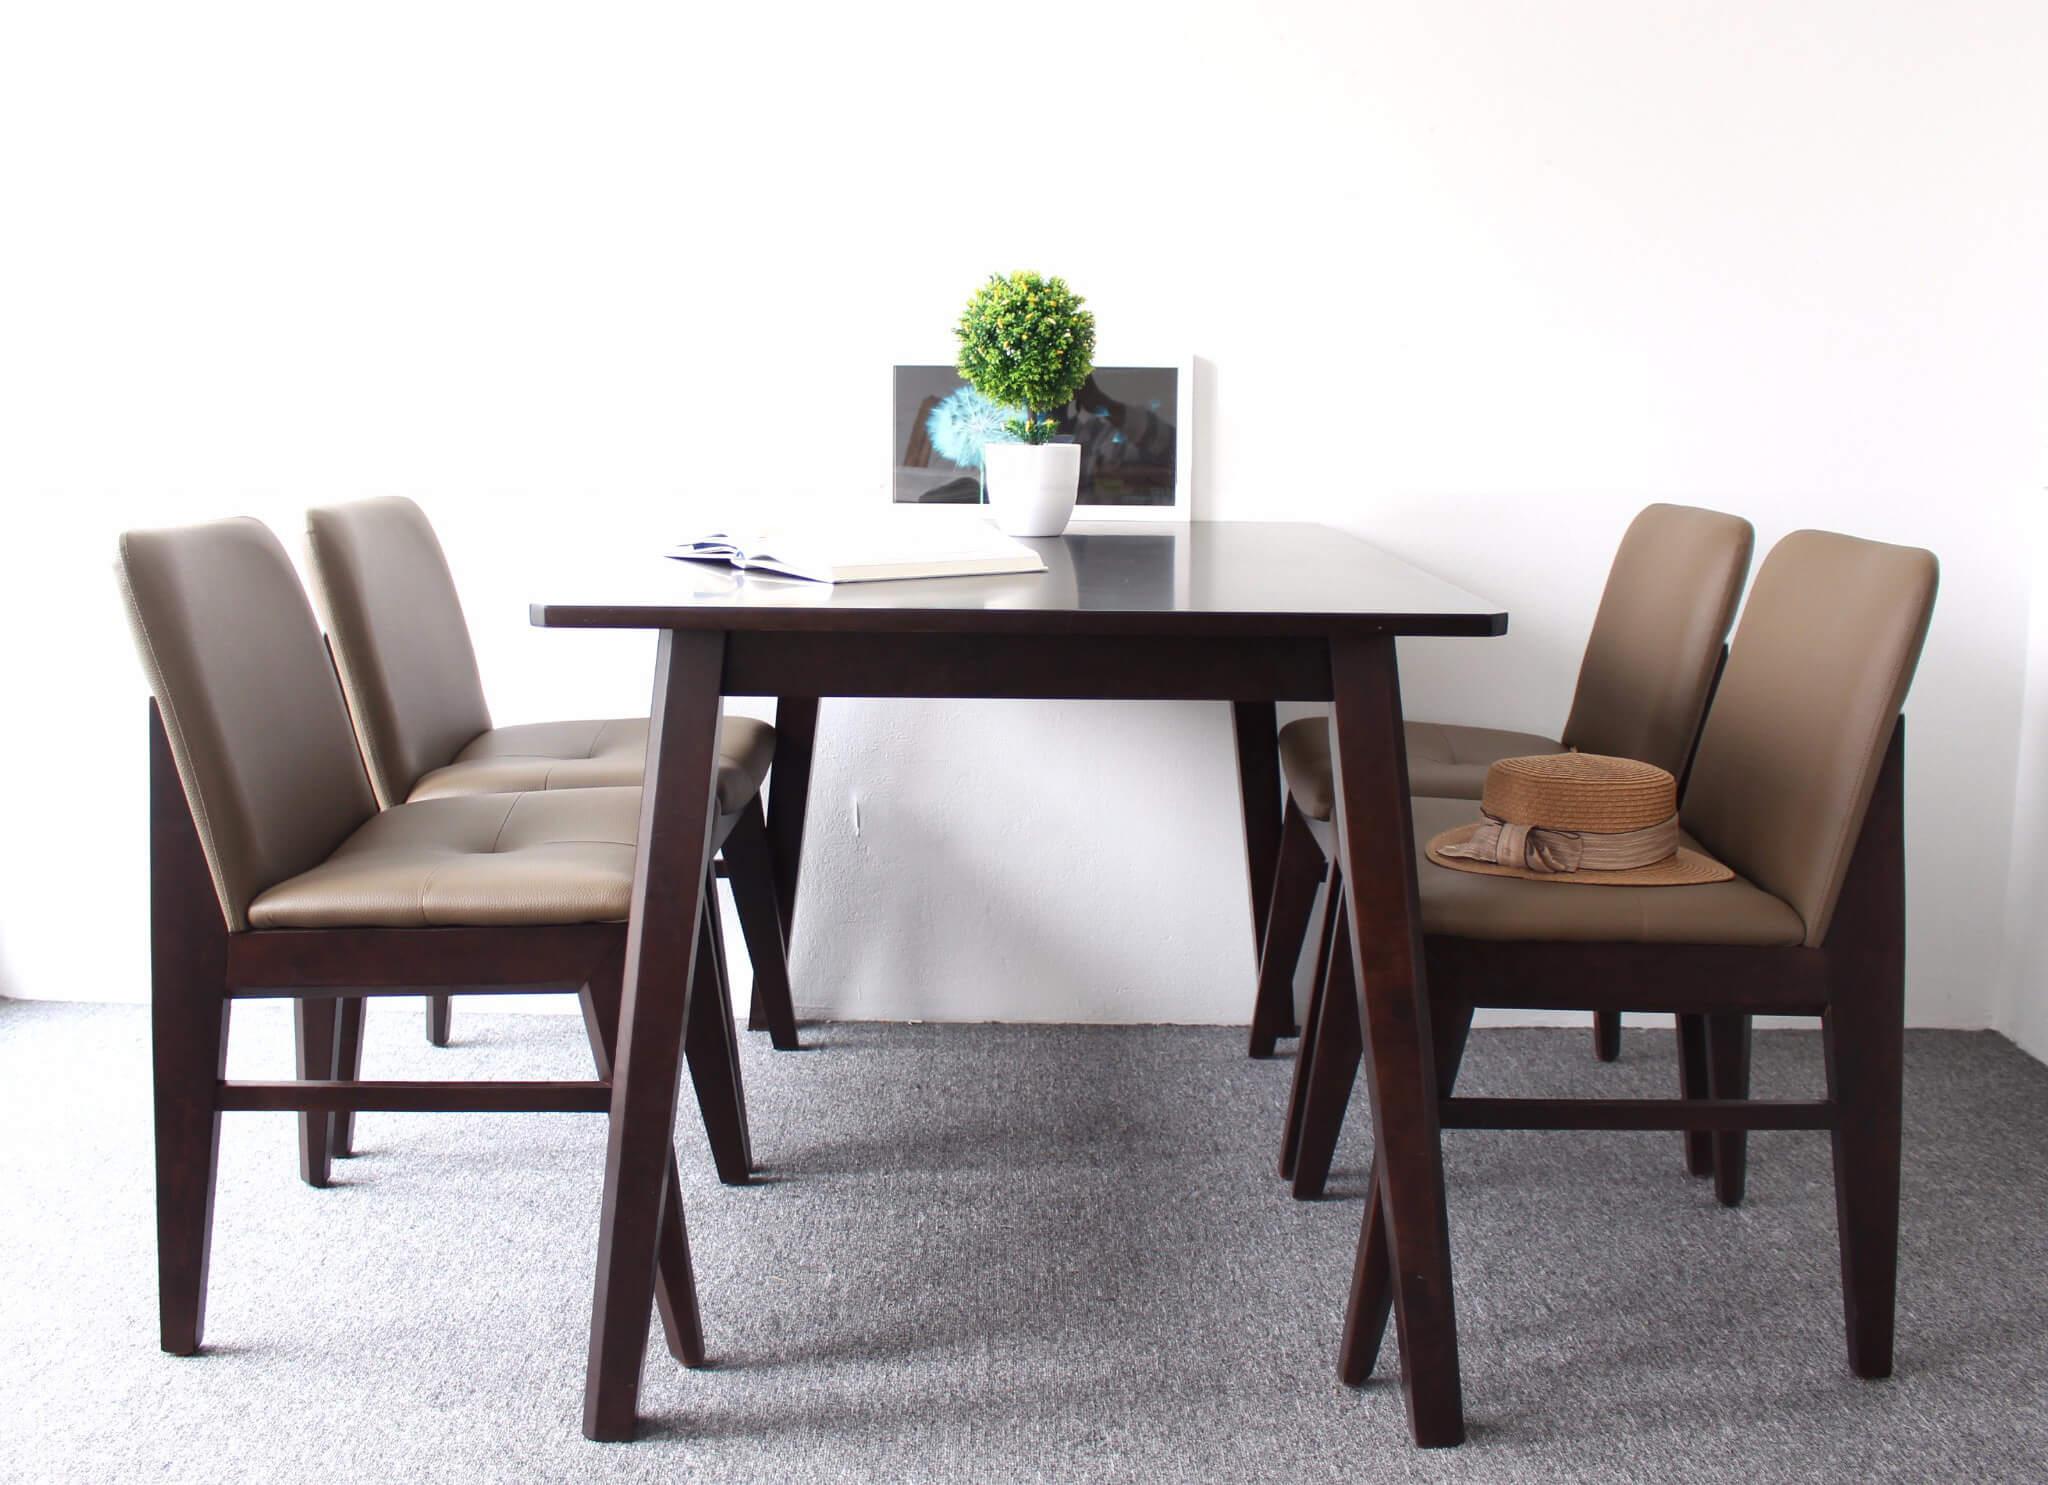 Bộ bàn ghế ăn gỗ tự nhiên bọc đệm sang trọng